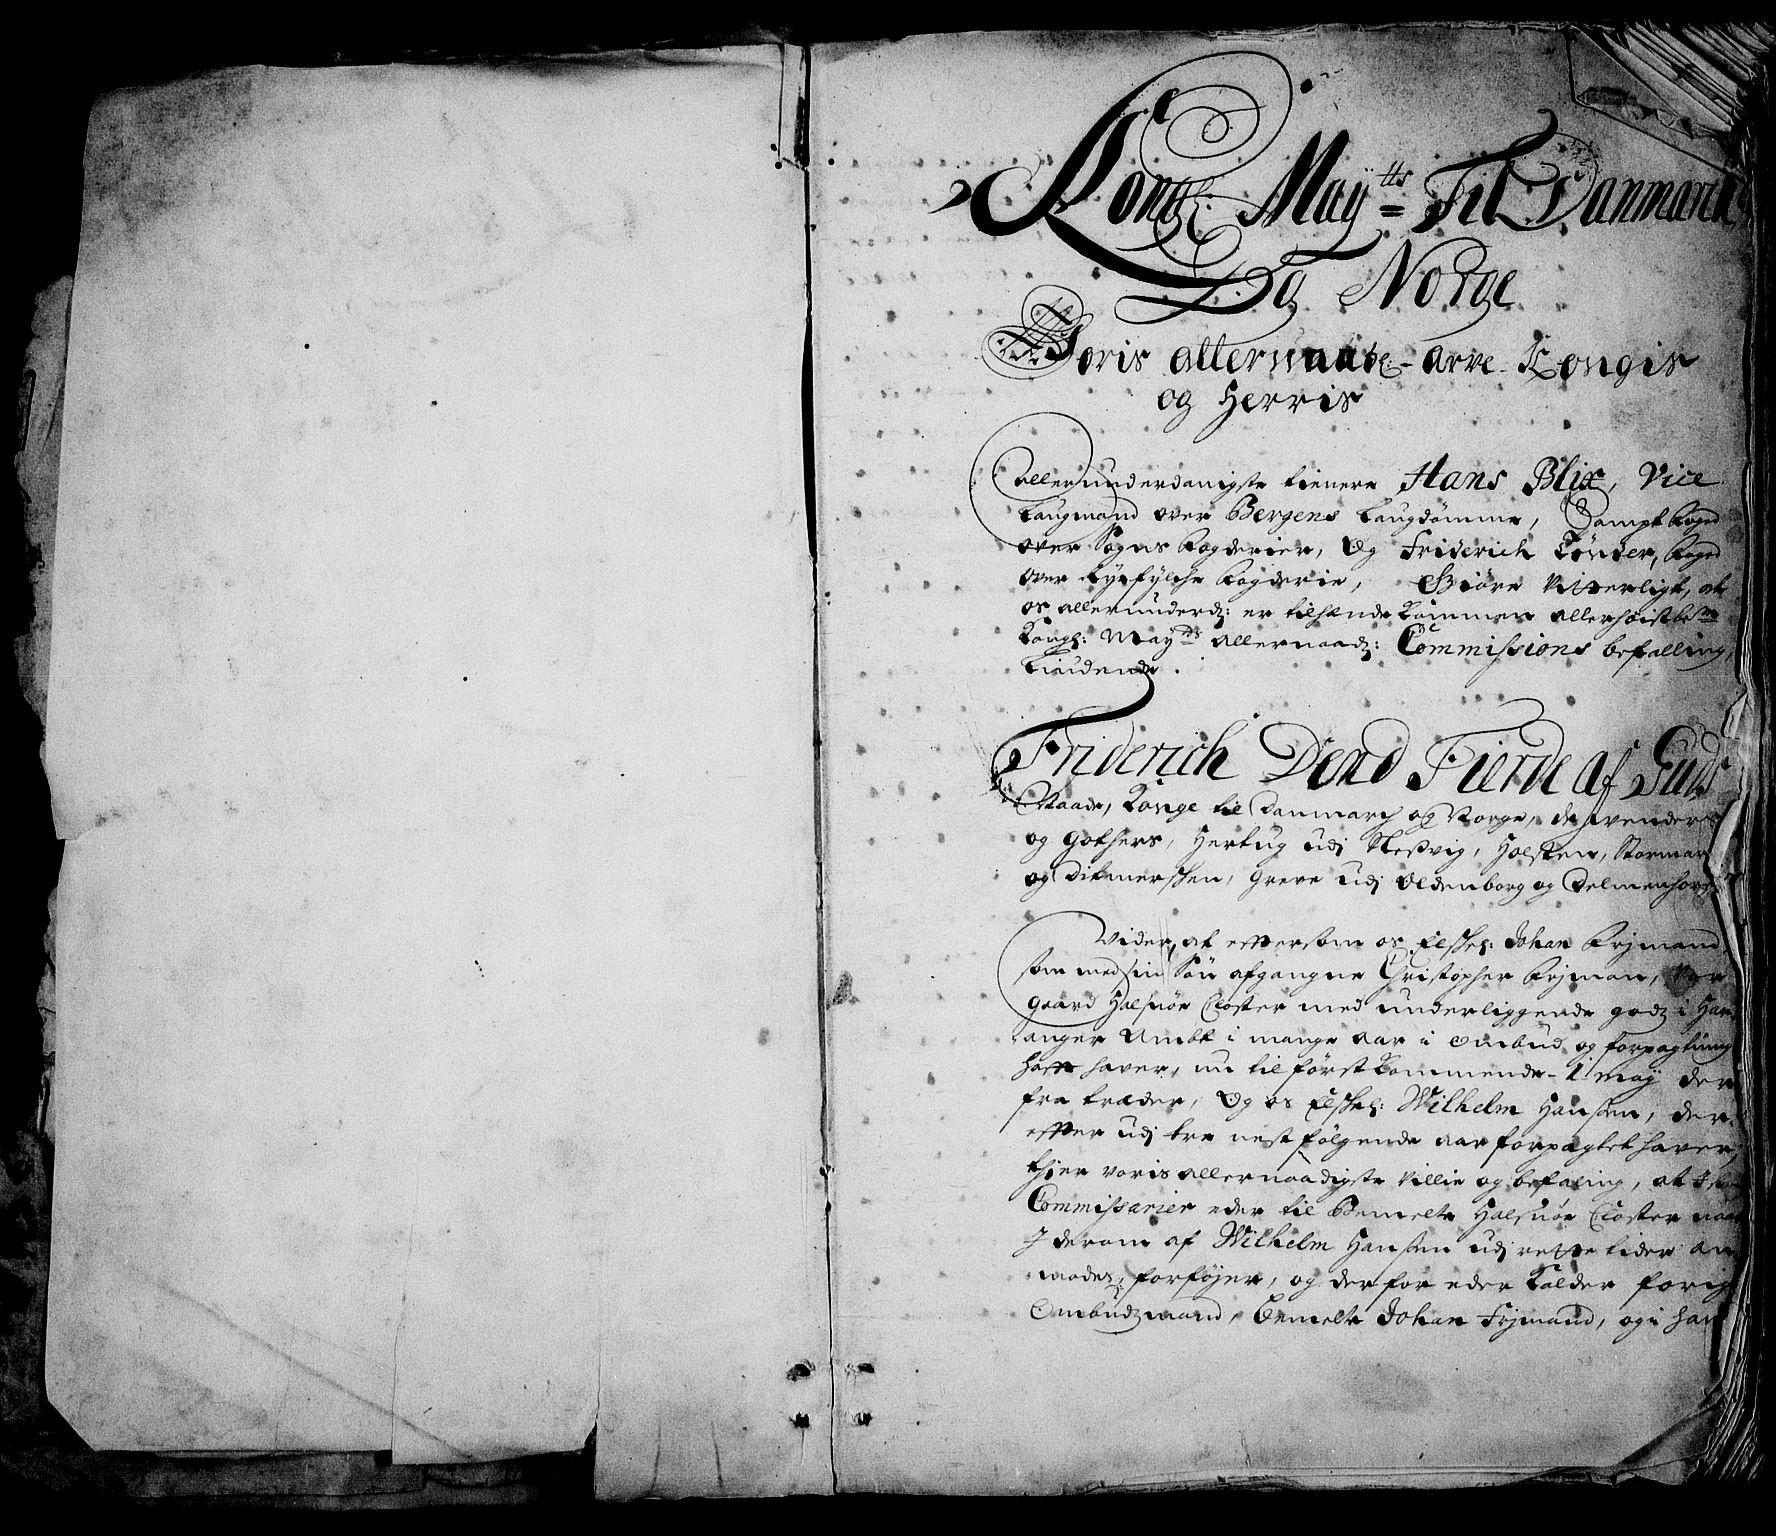 RA, Rentekammeret inntil 1814, Realistisk ordnet avdeling, On/L0002: [Jj 3]: Besiktigelsesforretninger over Halsnøy klosters gods, 1659-1703, s. 1a